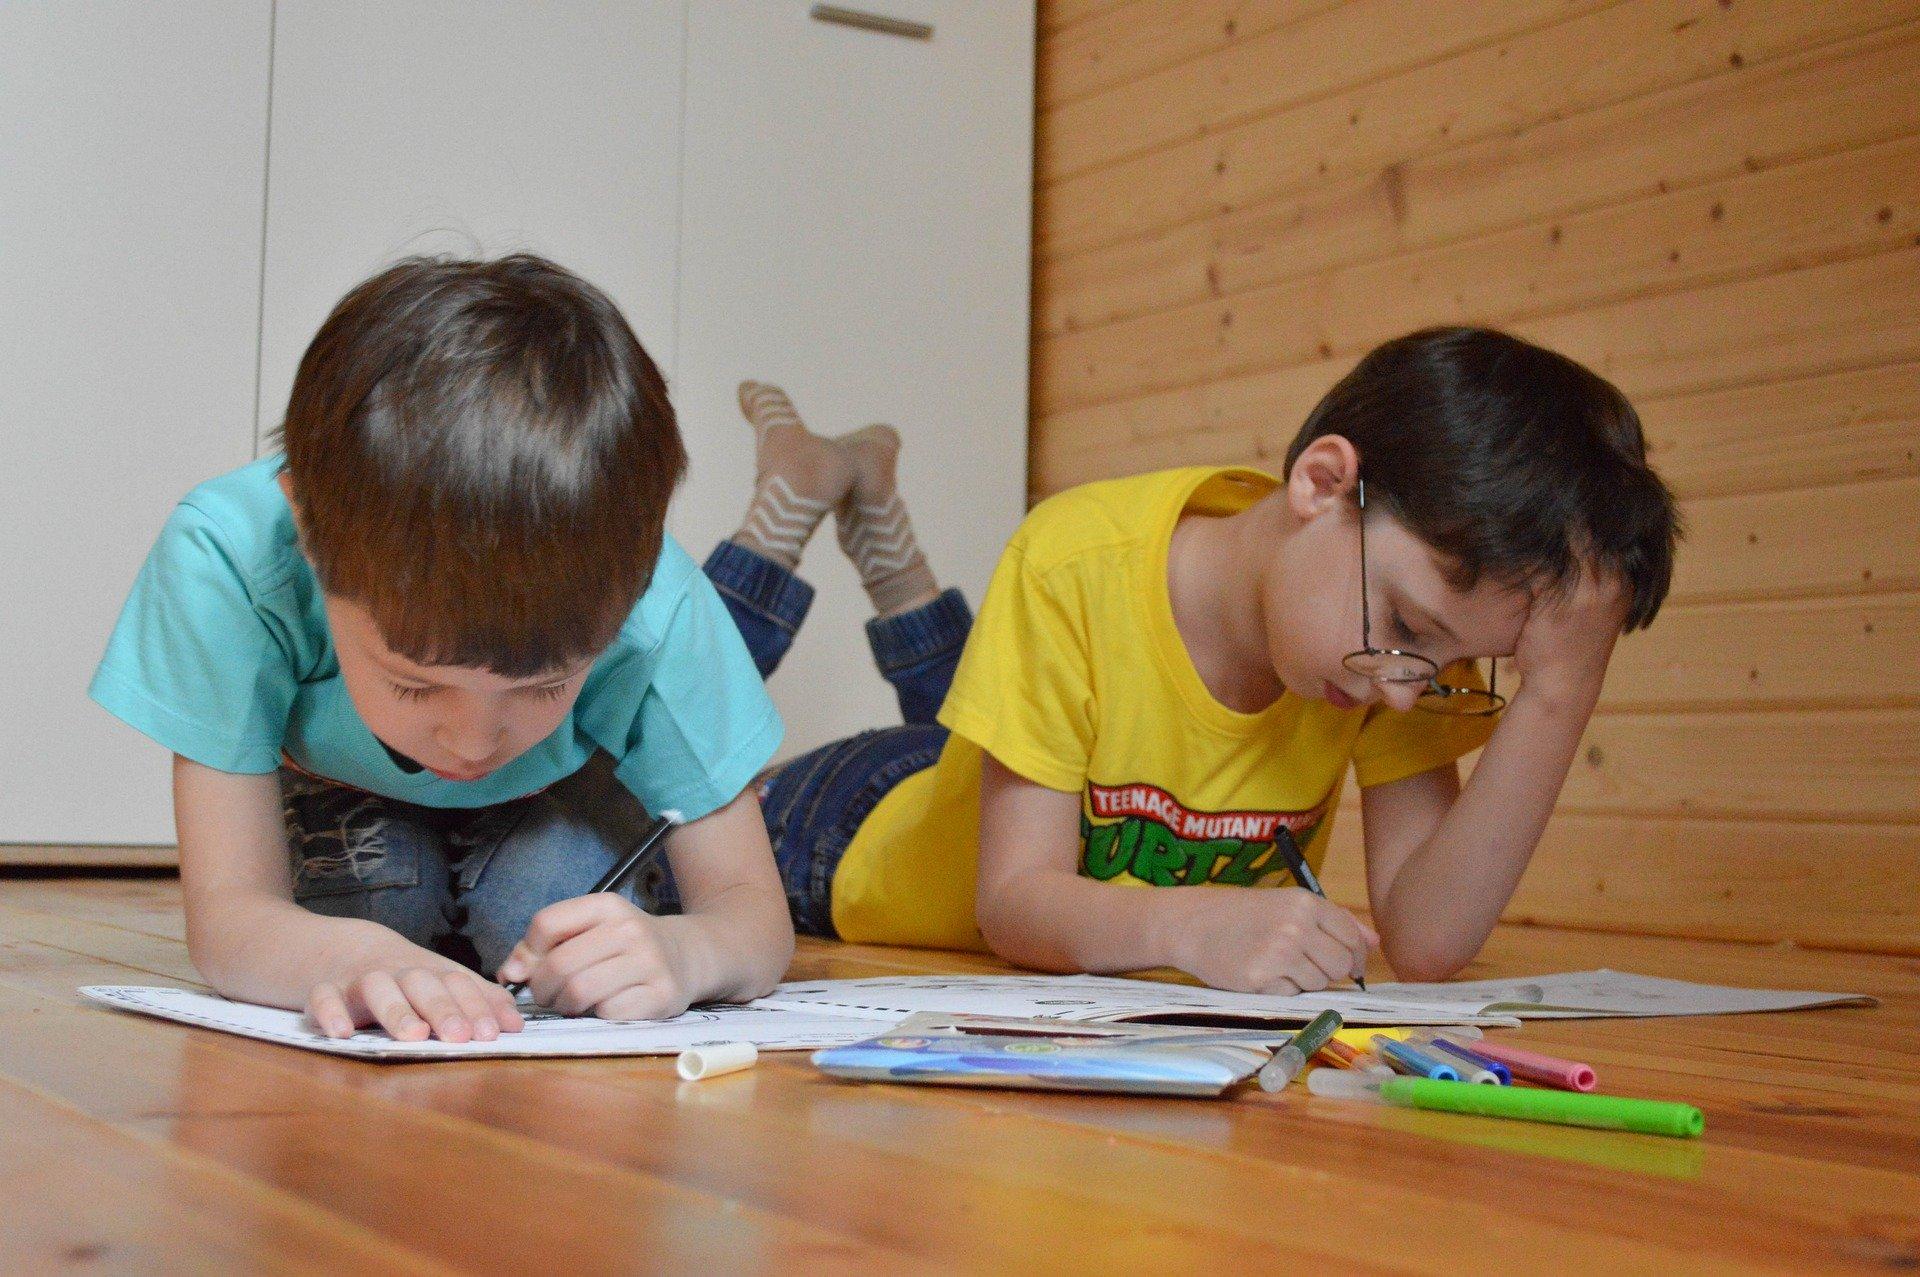 Estrategias para motivar a los niños a aprender en casa